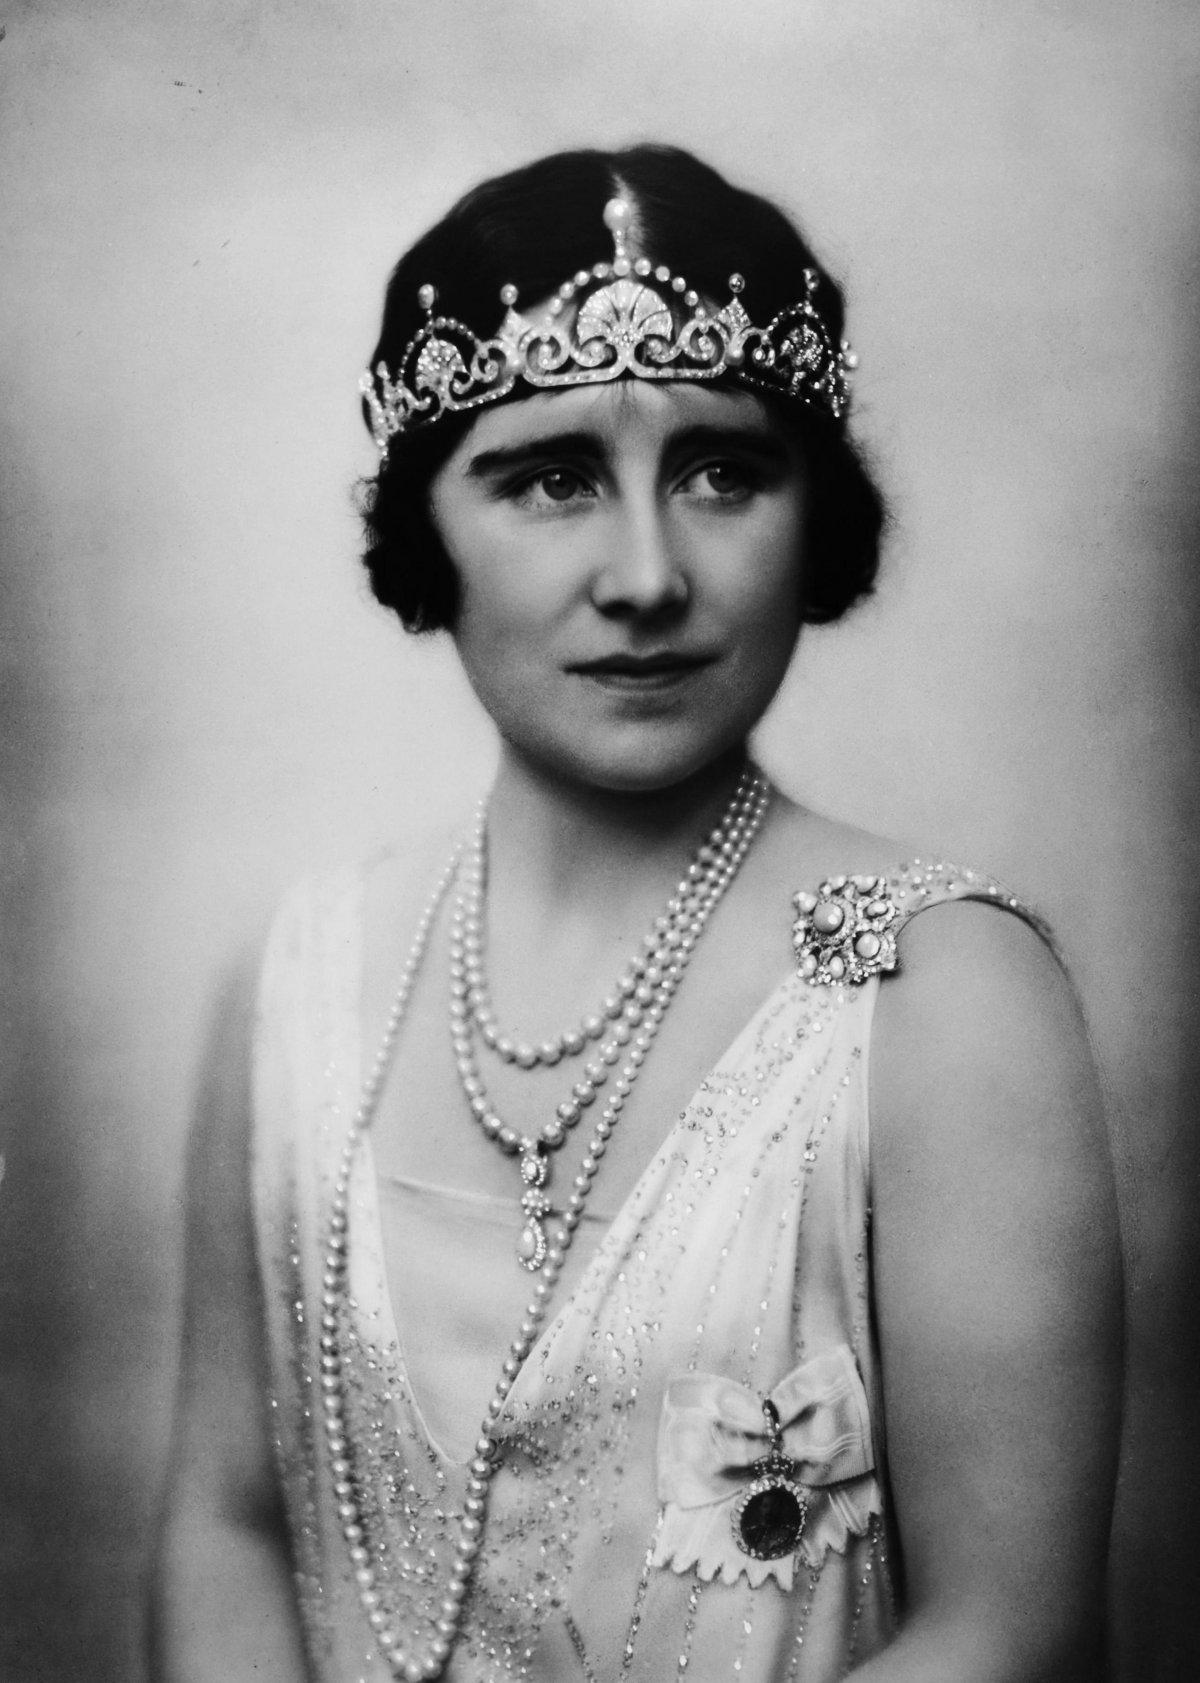 The Duchess of York, 1925